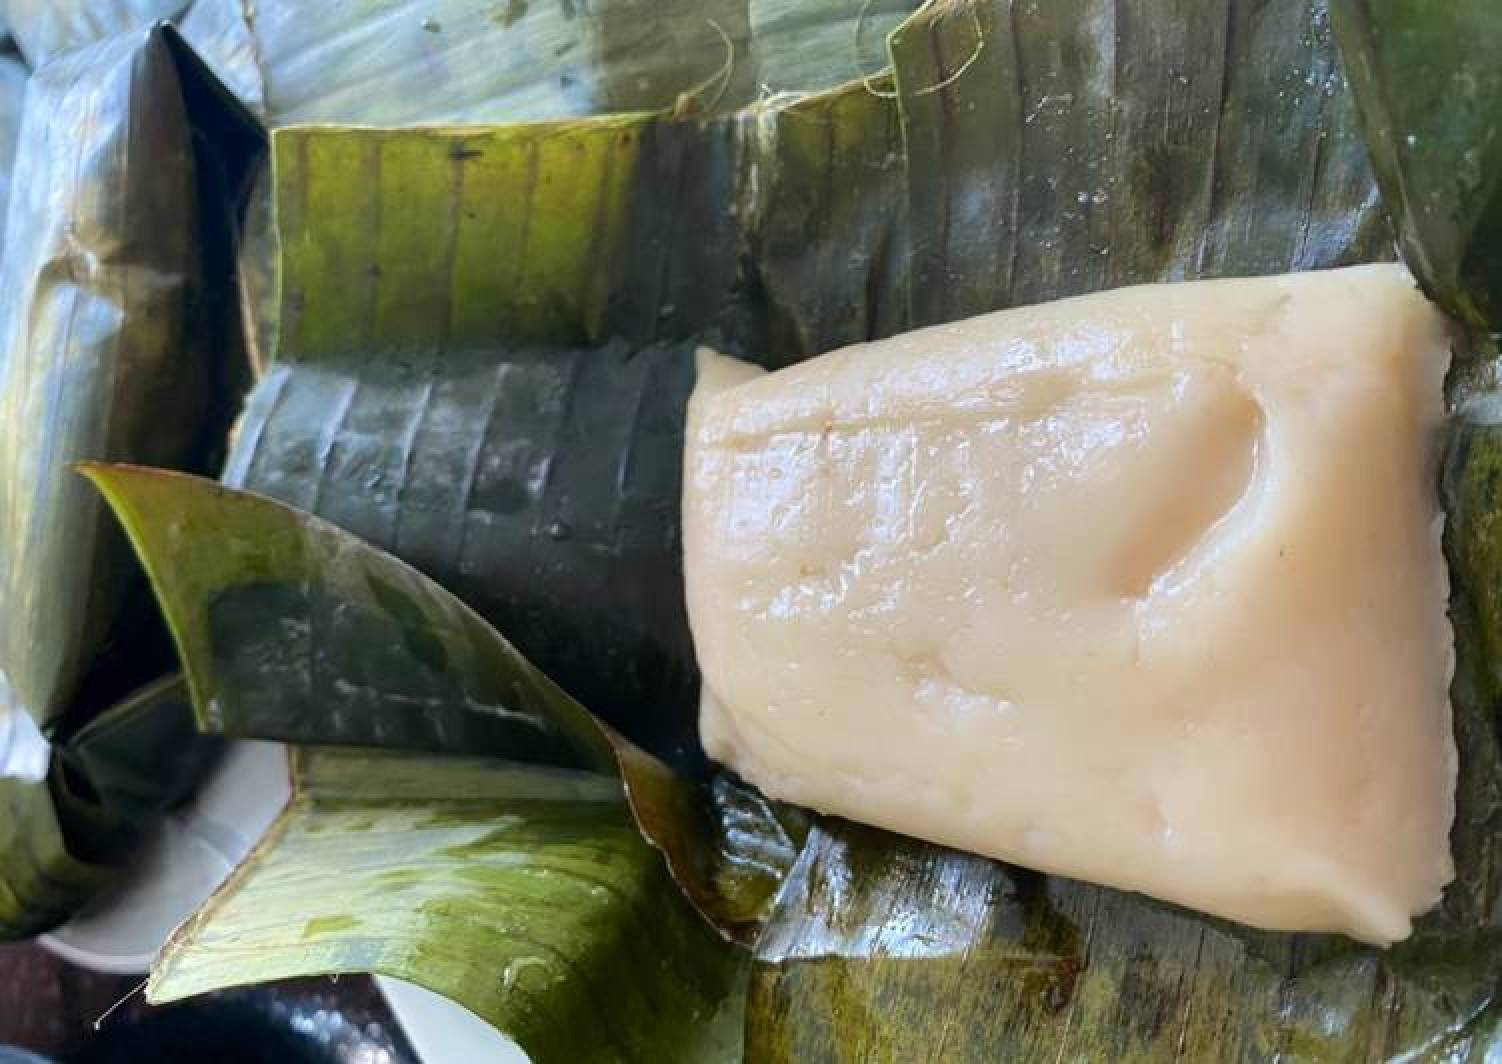 Nagasari or Nogosari